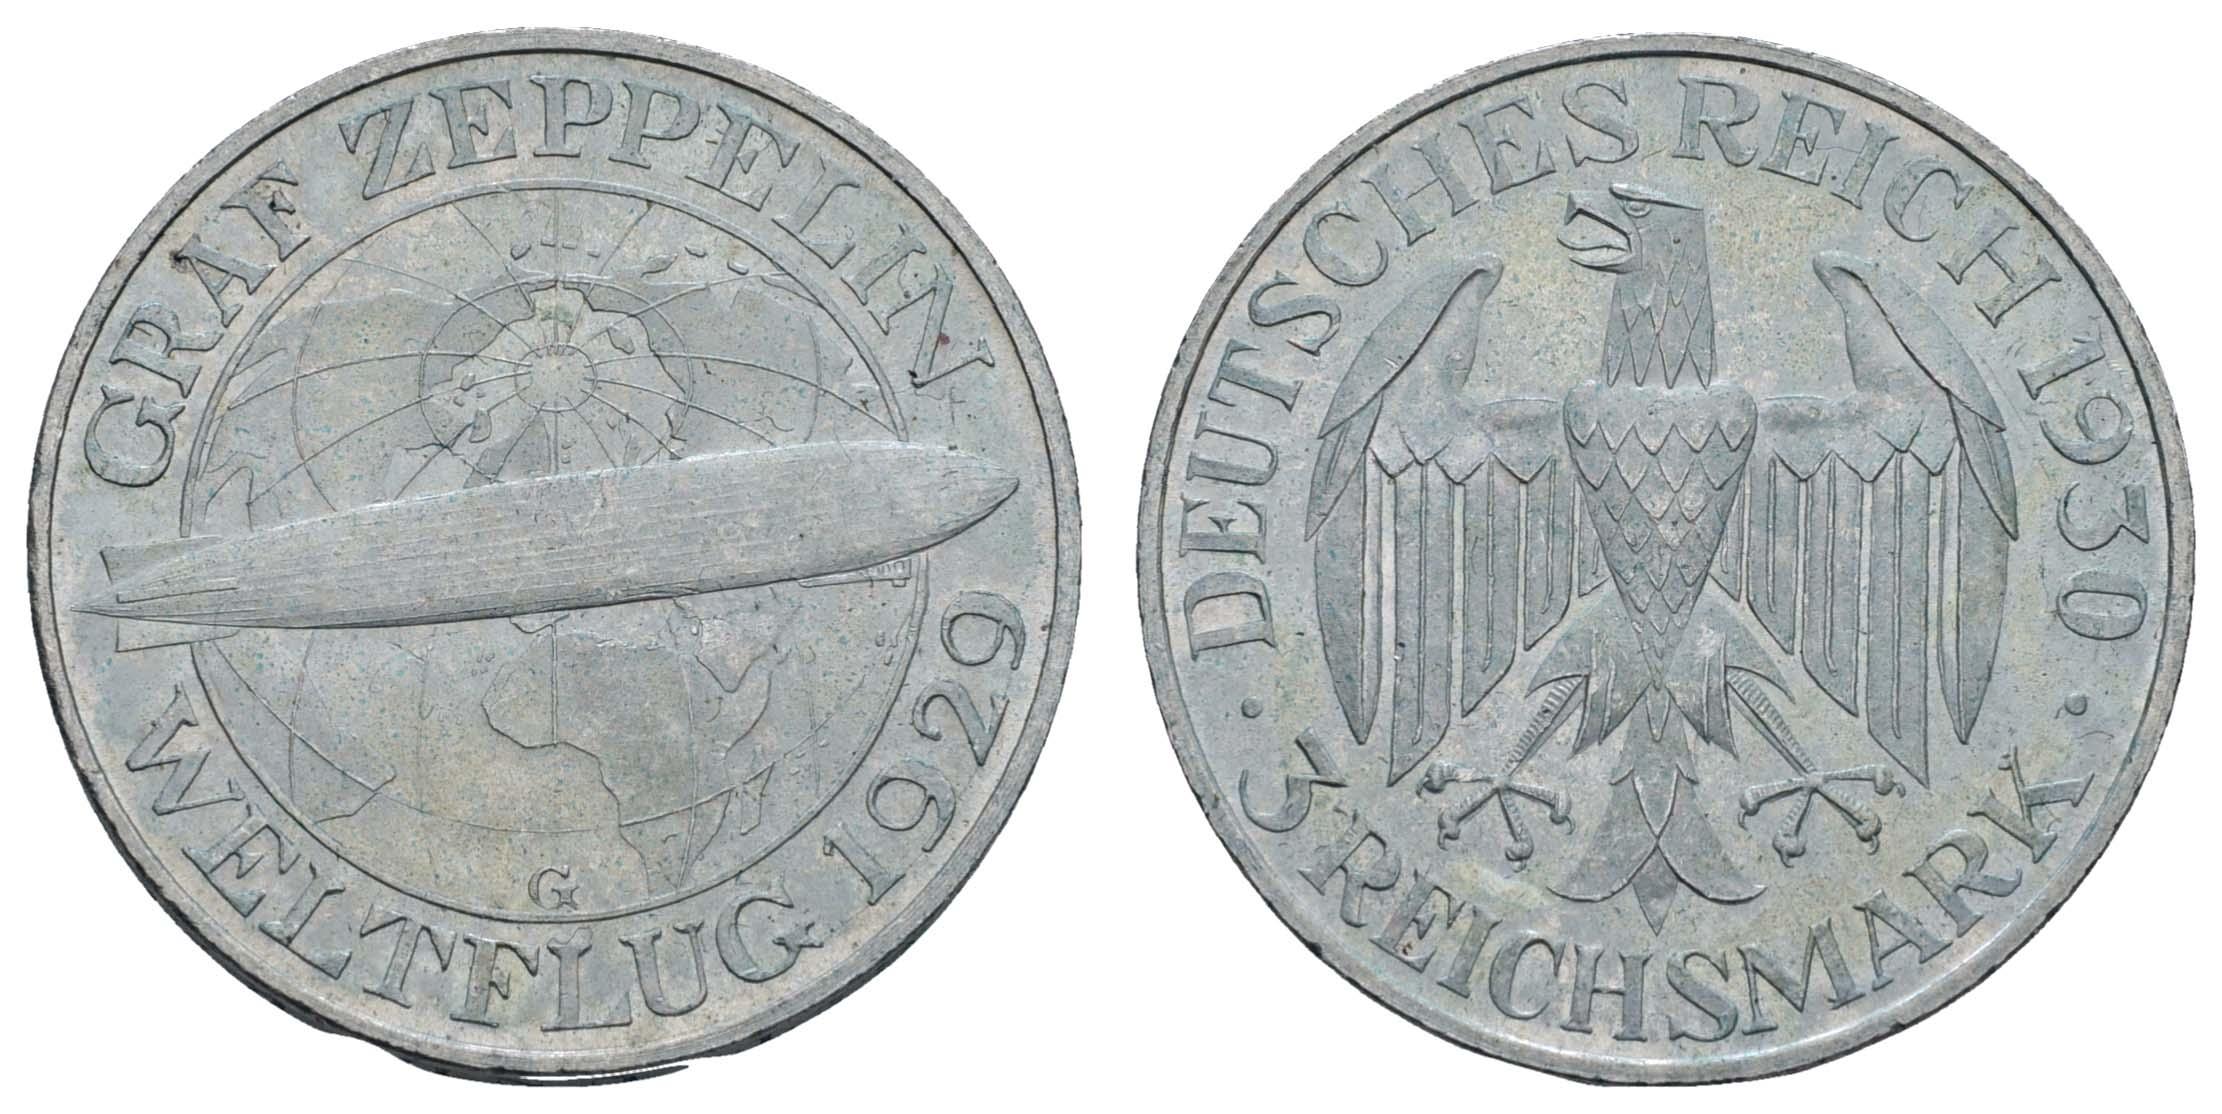 Lot 1016 - deutschland weimarer republik -  Auktionshaus Ulrich Felzmann GmbH & Co. KG Coins single lots